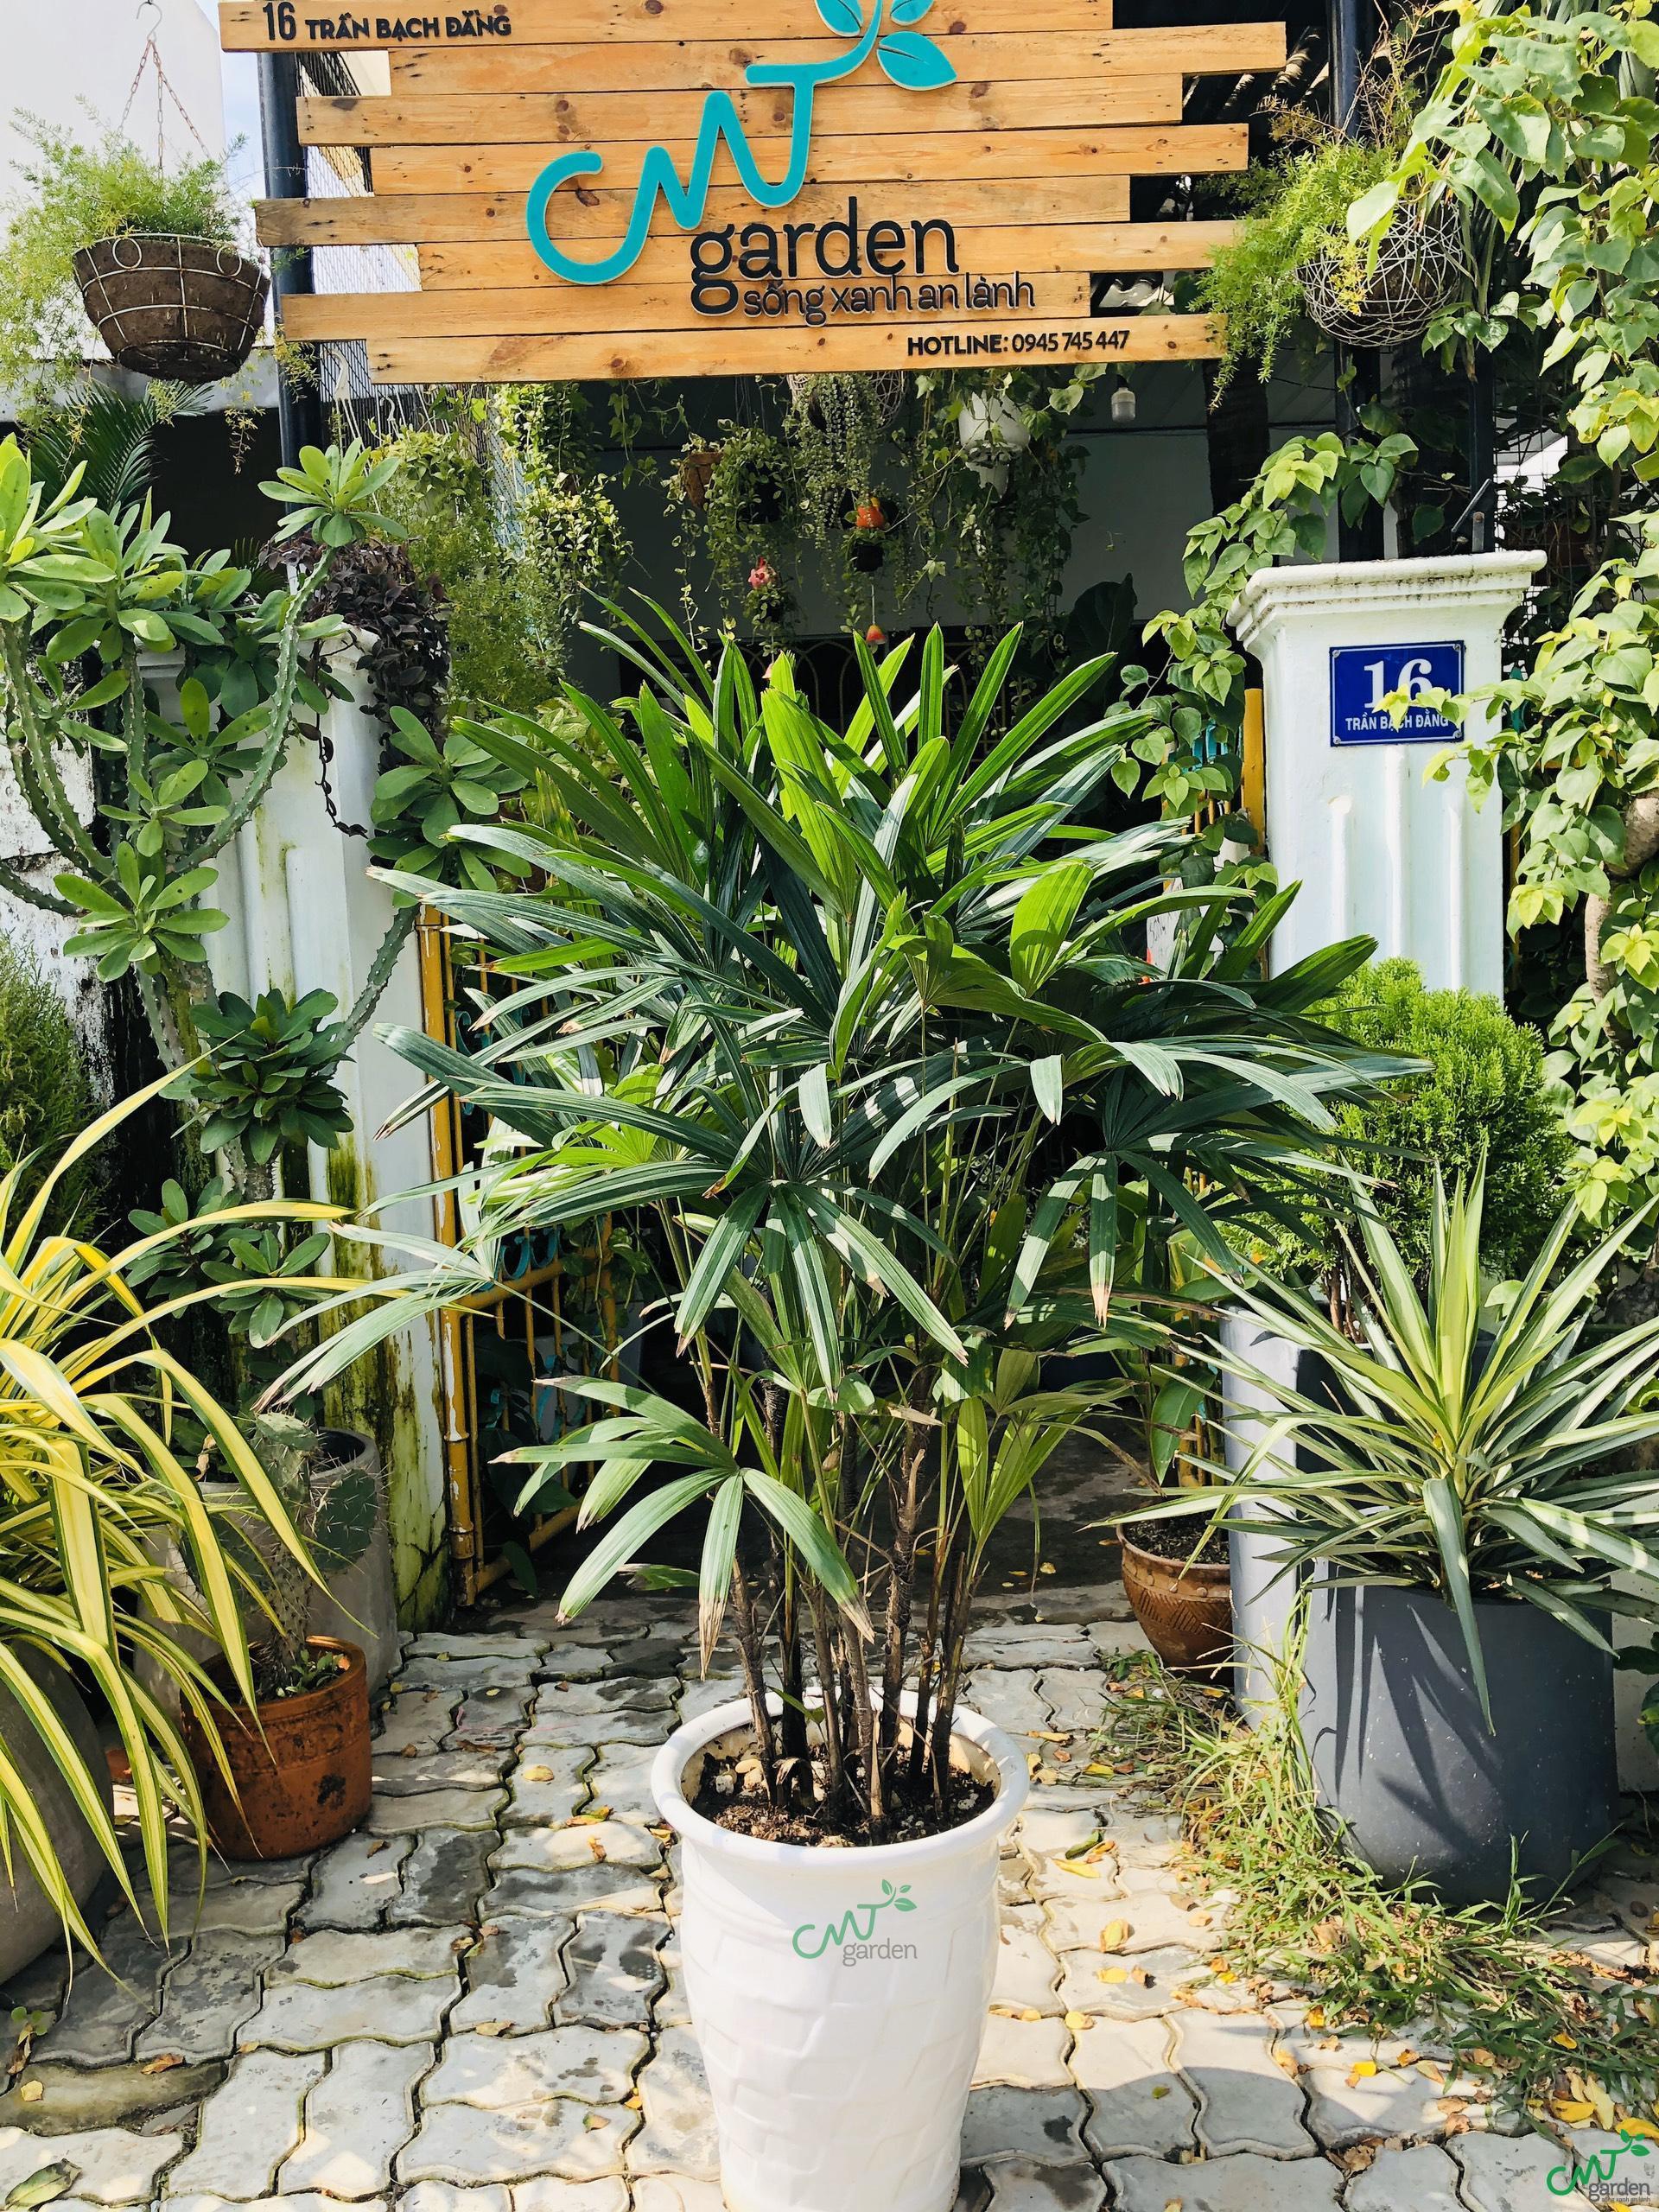 Nên lựa chọn đất sạch, độ tơi xốp cao để trồng cây